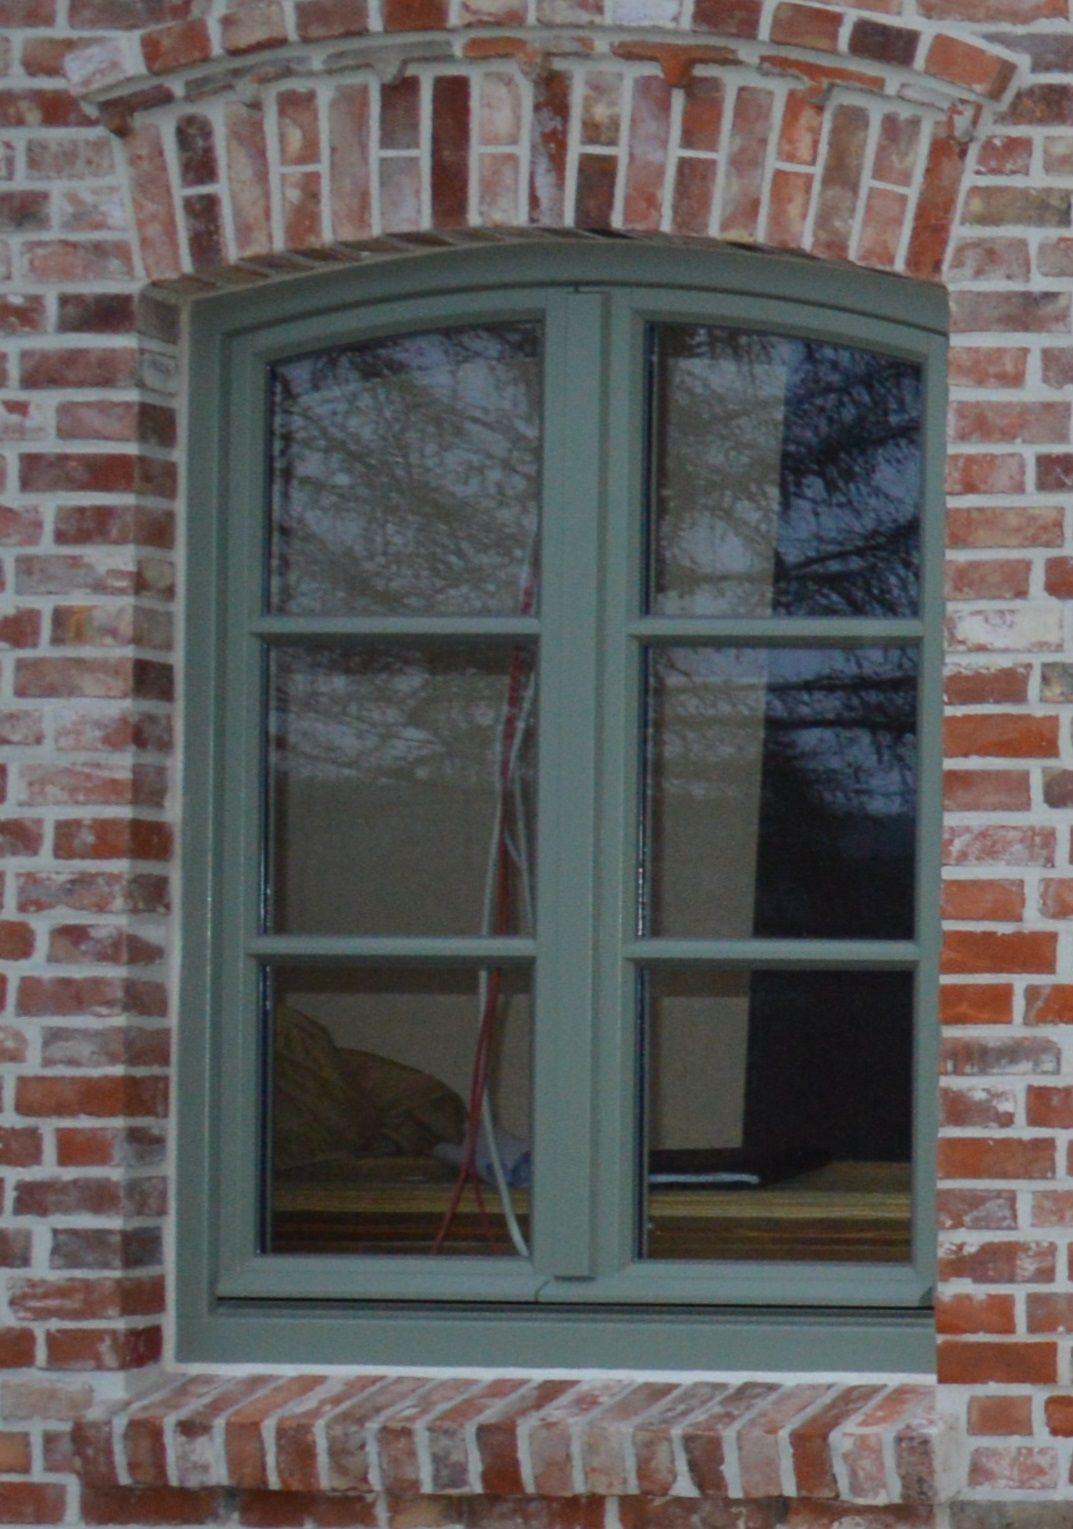 Fenster Bauernhaus fenster, Fenster gartenhaus, Haustür